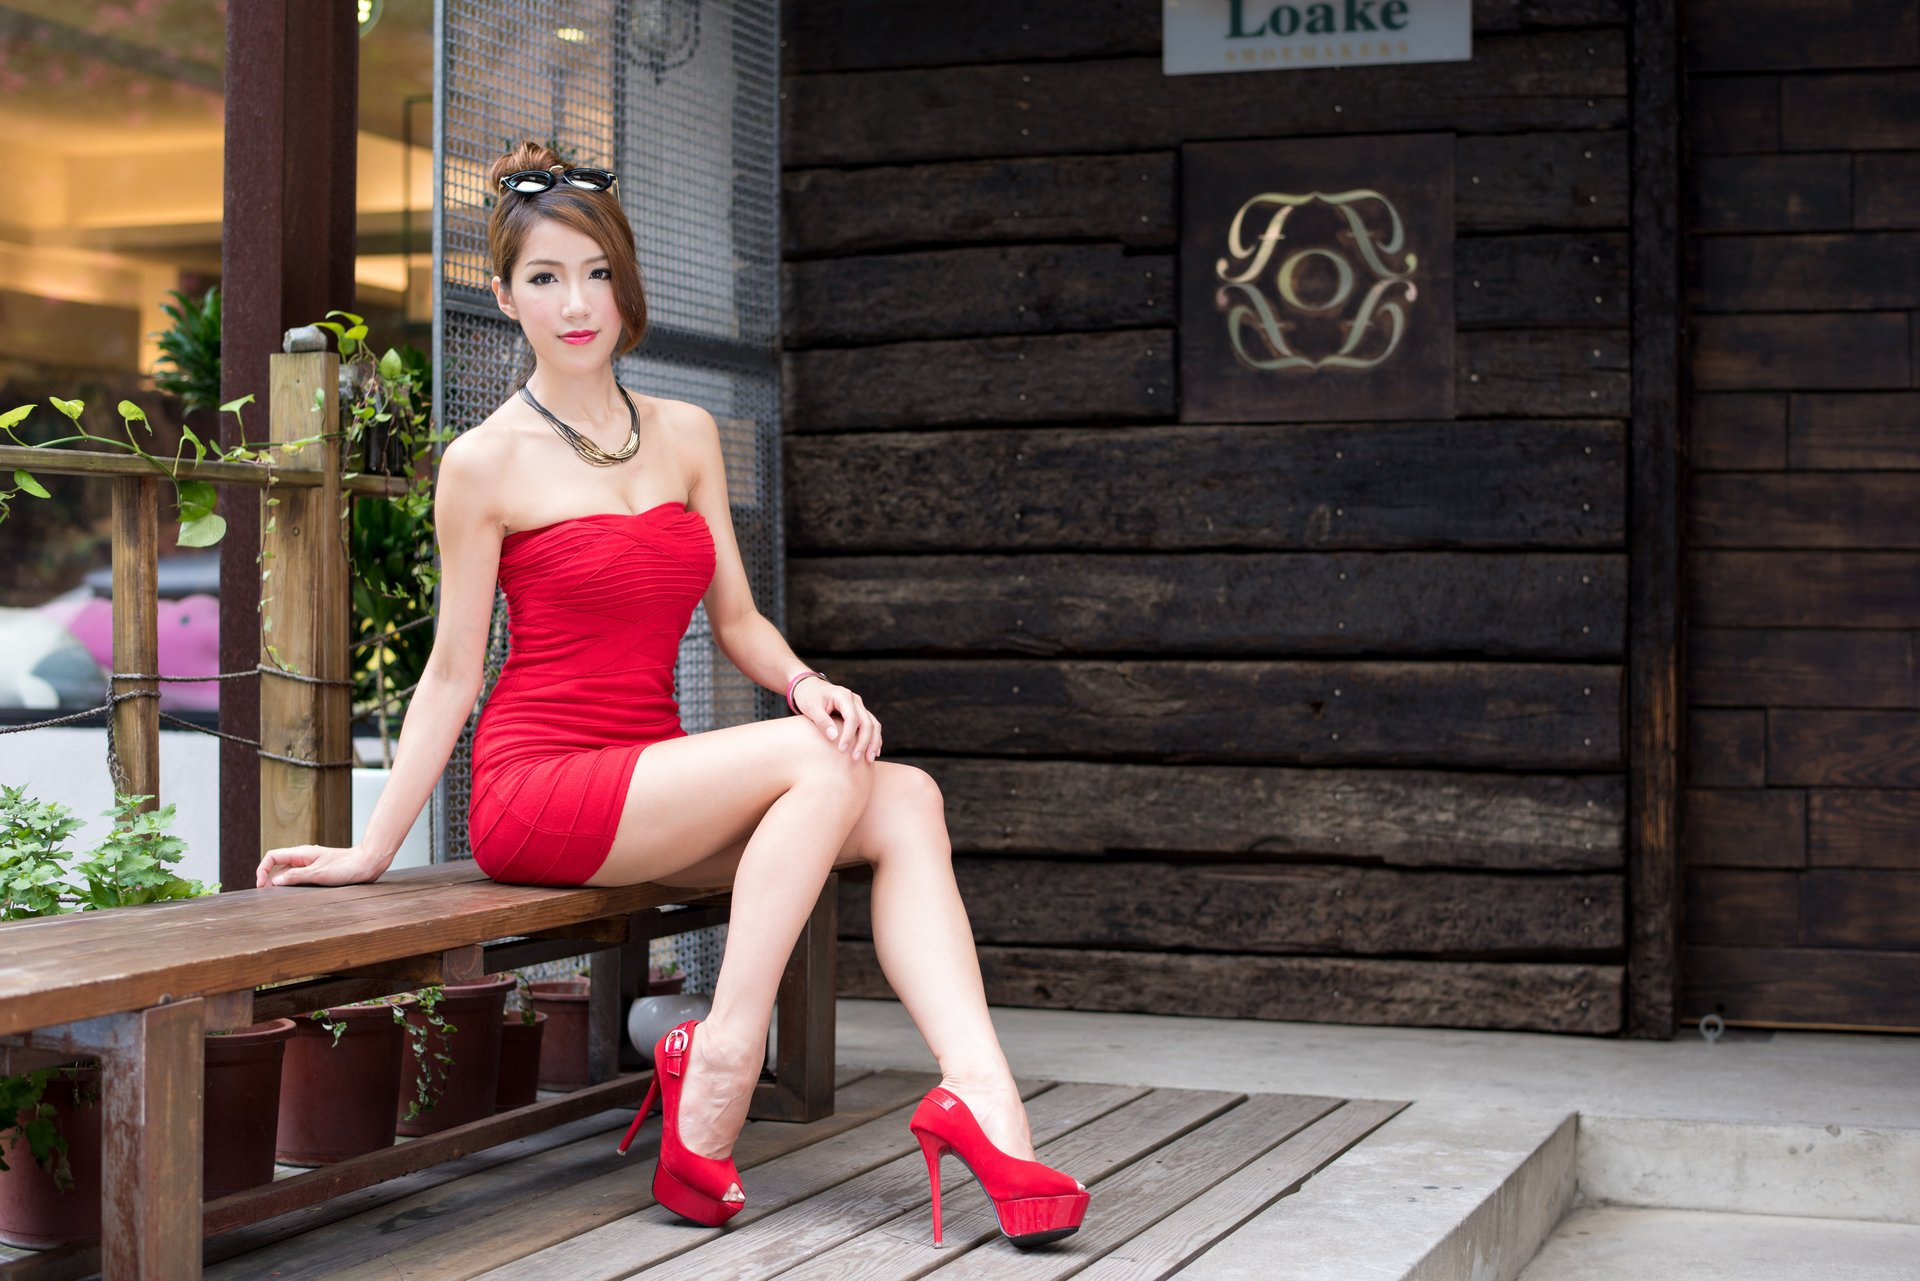 Онлайн минет девушки на высоких каблуках обои видео кунилингус